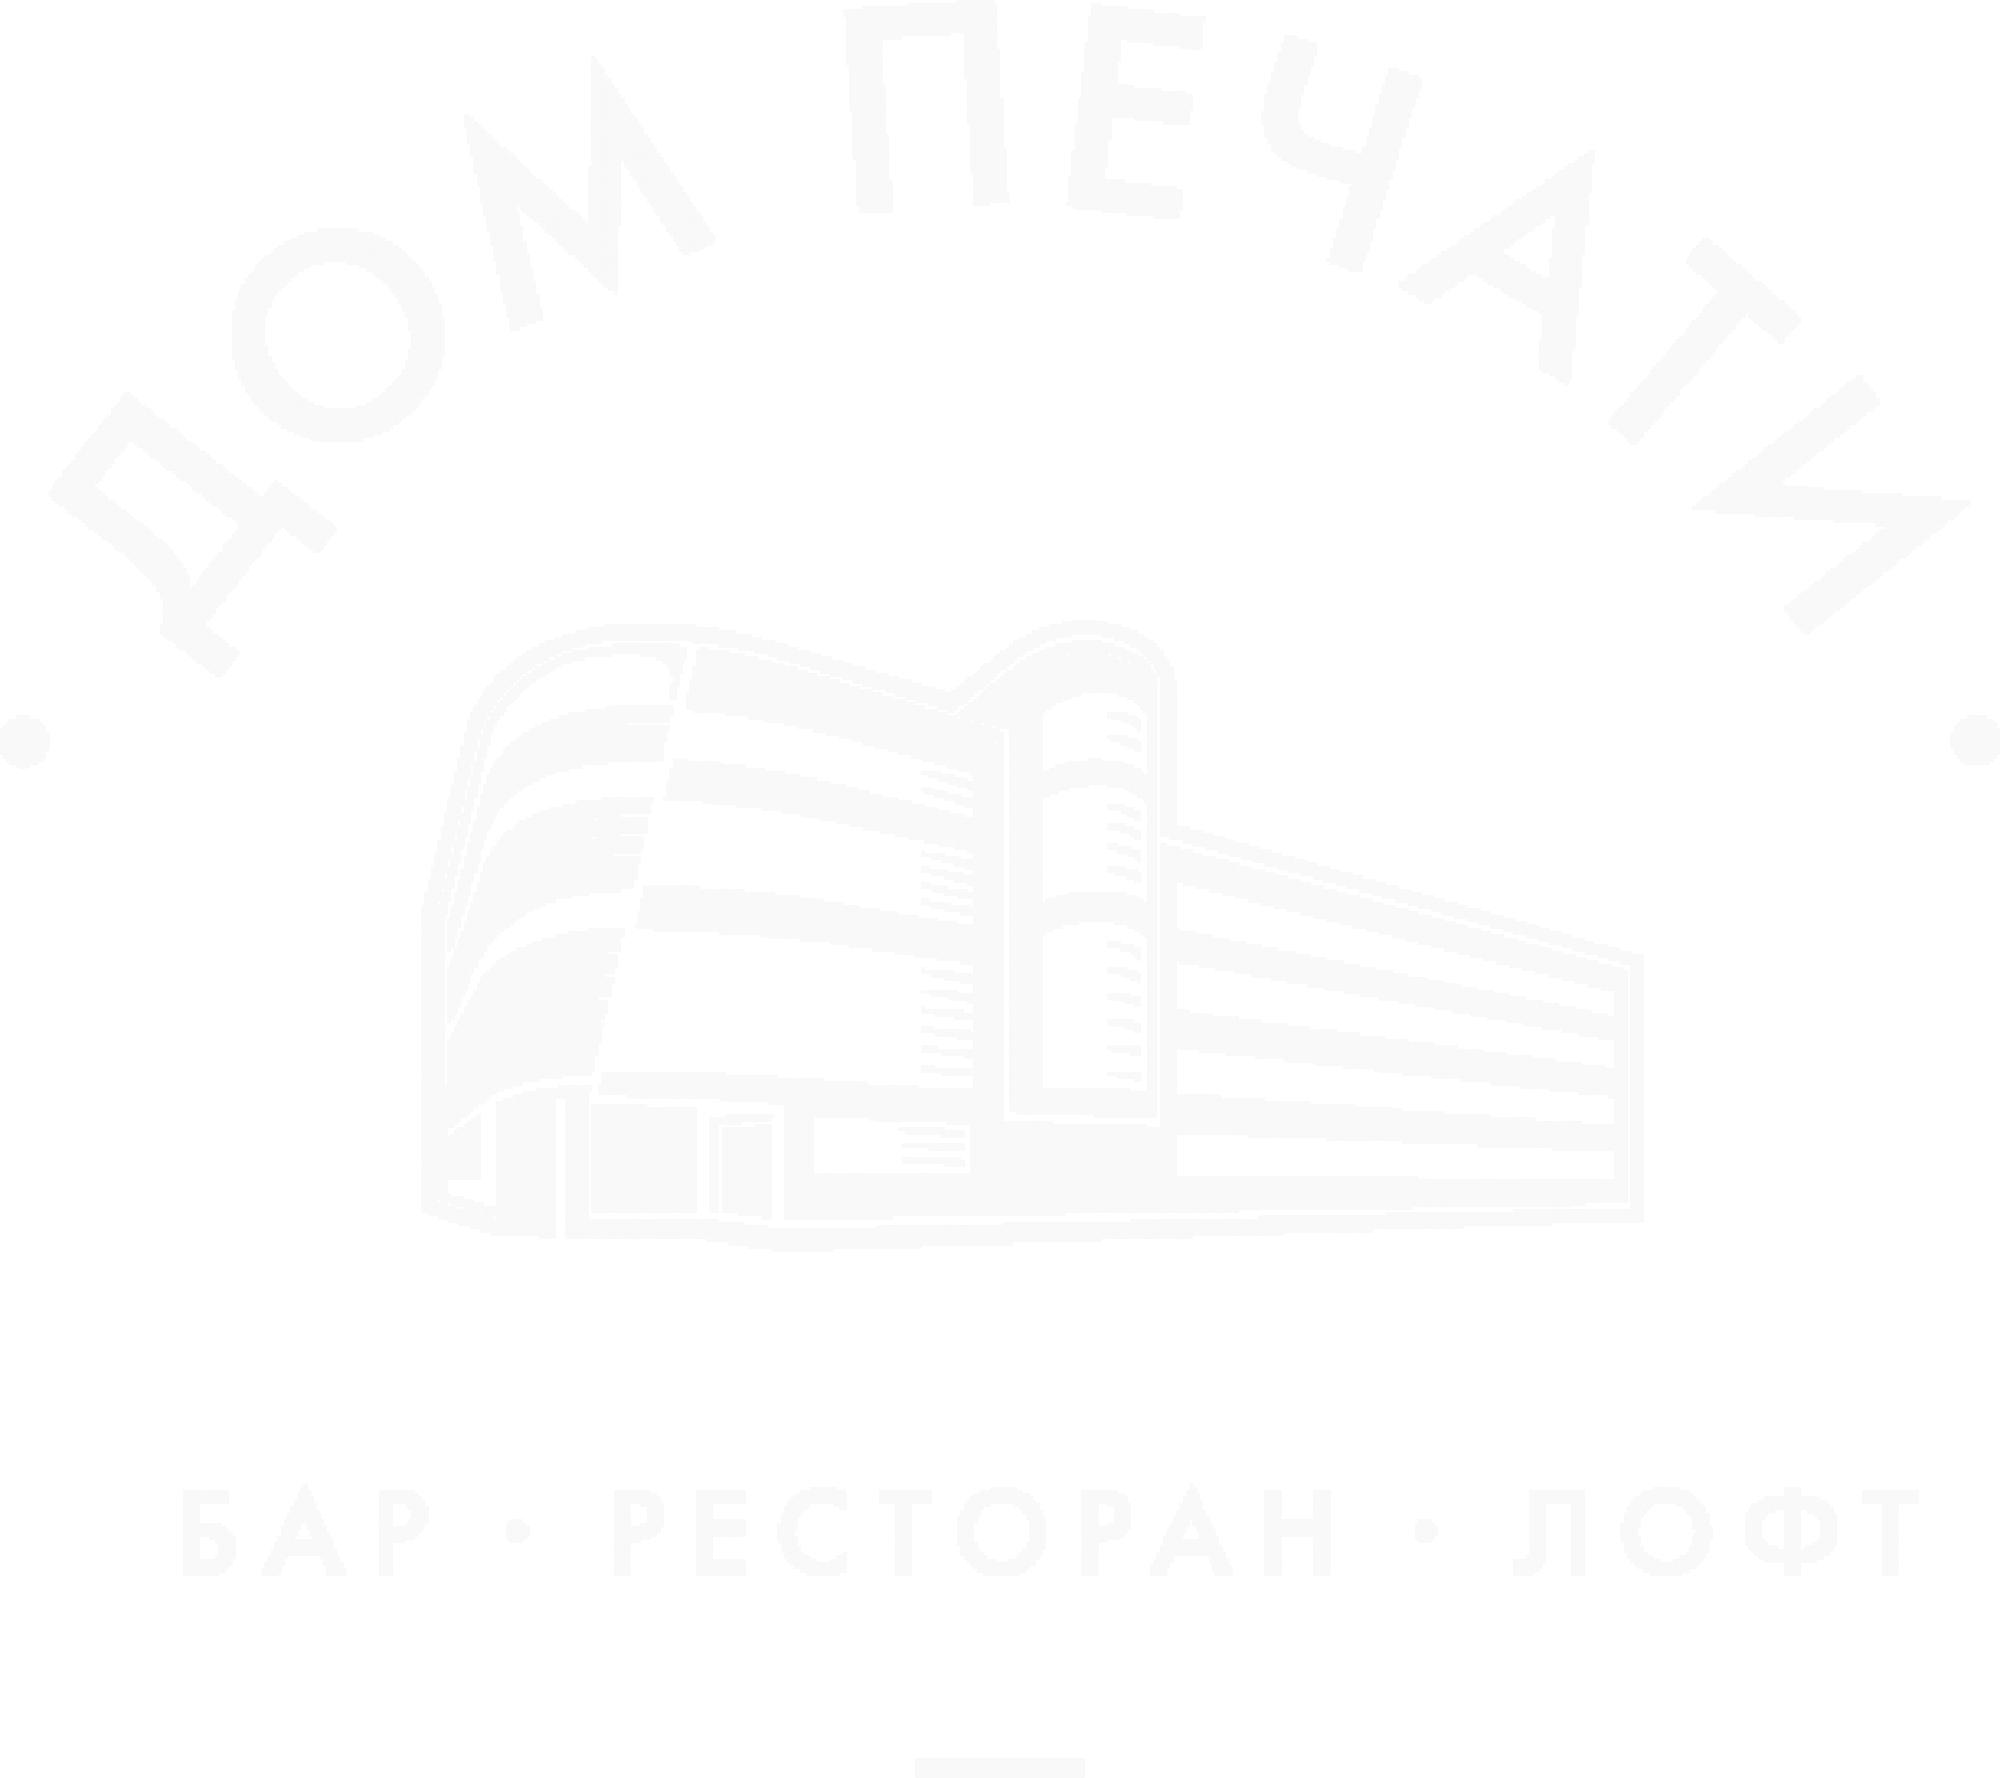 дом печати москва клуб